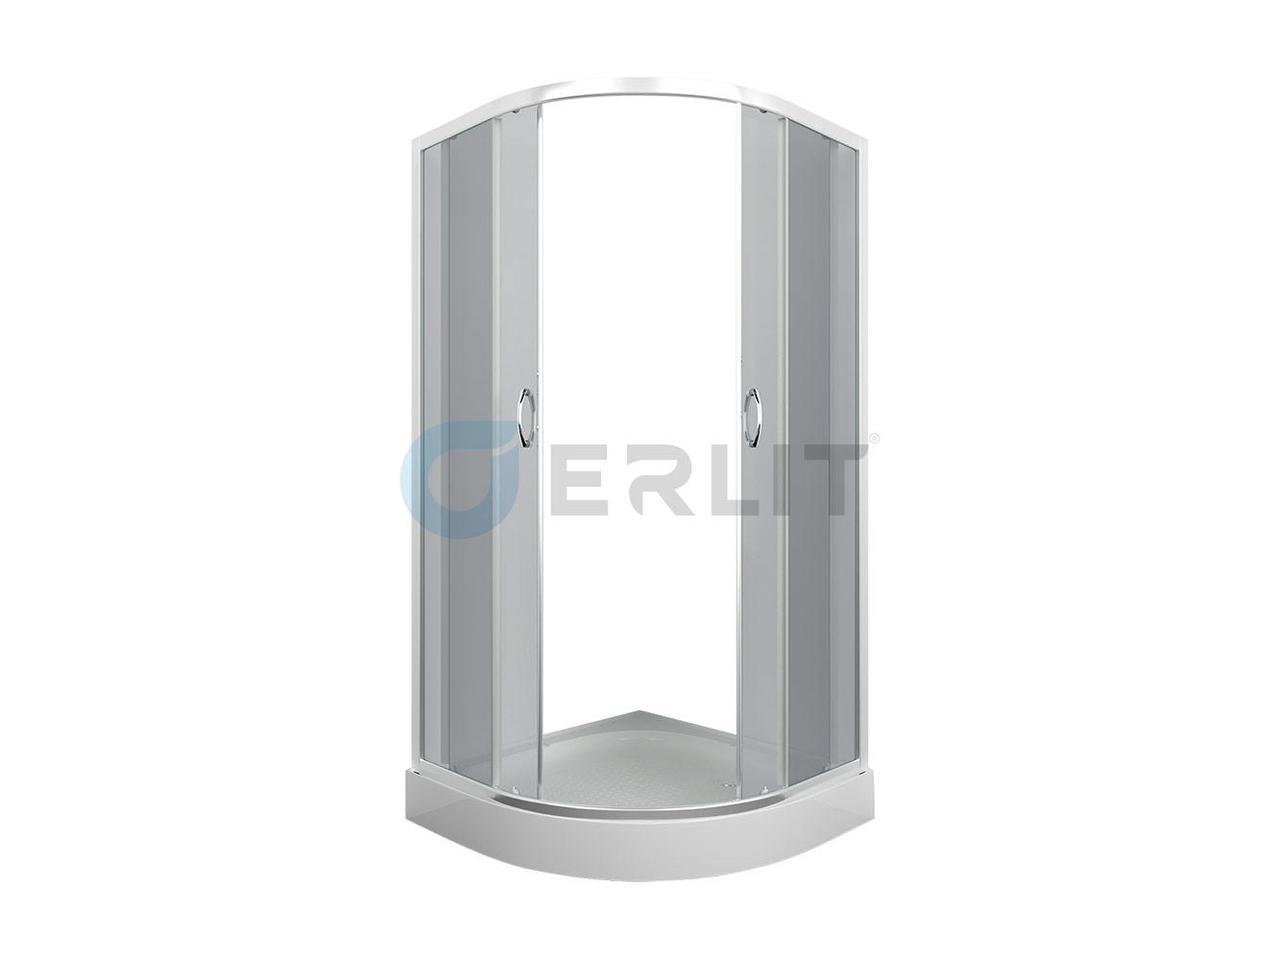 Душевой уголок Erlit ER0508-C4, 80х80 см., низкий поддон, тонированное стекло